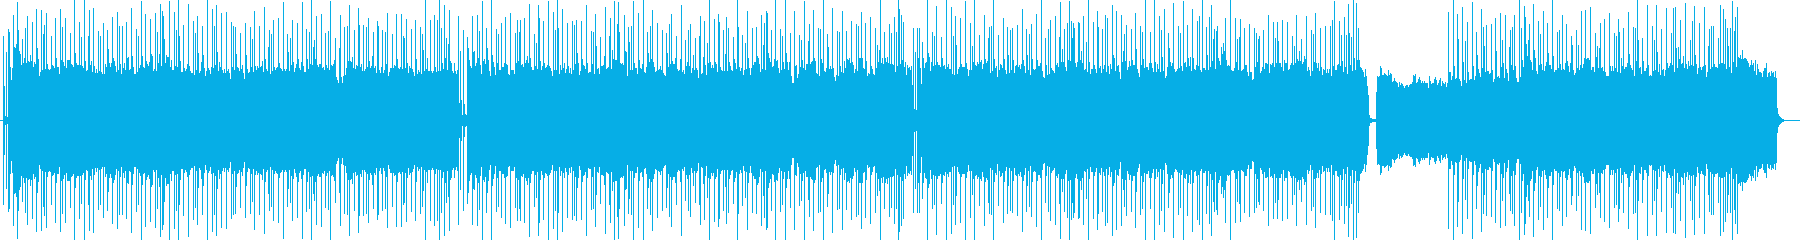 キャッチーで荒々しい90年代UKロックの再生済みの波形